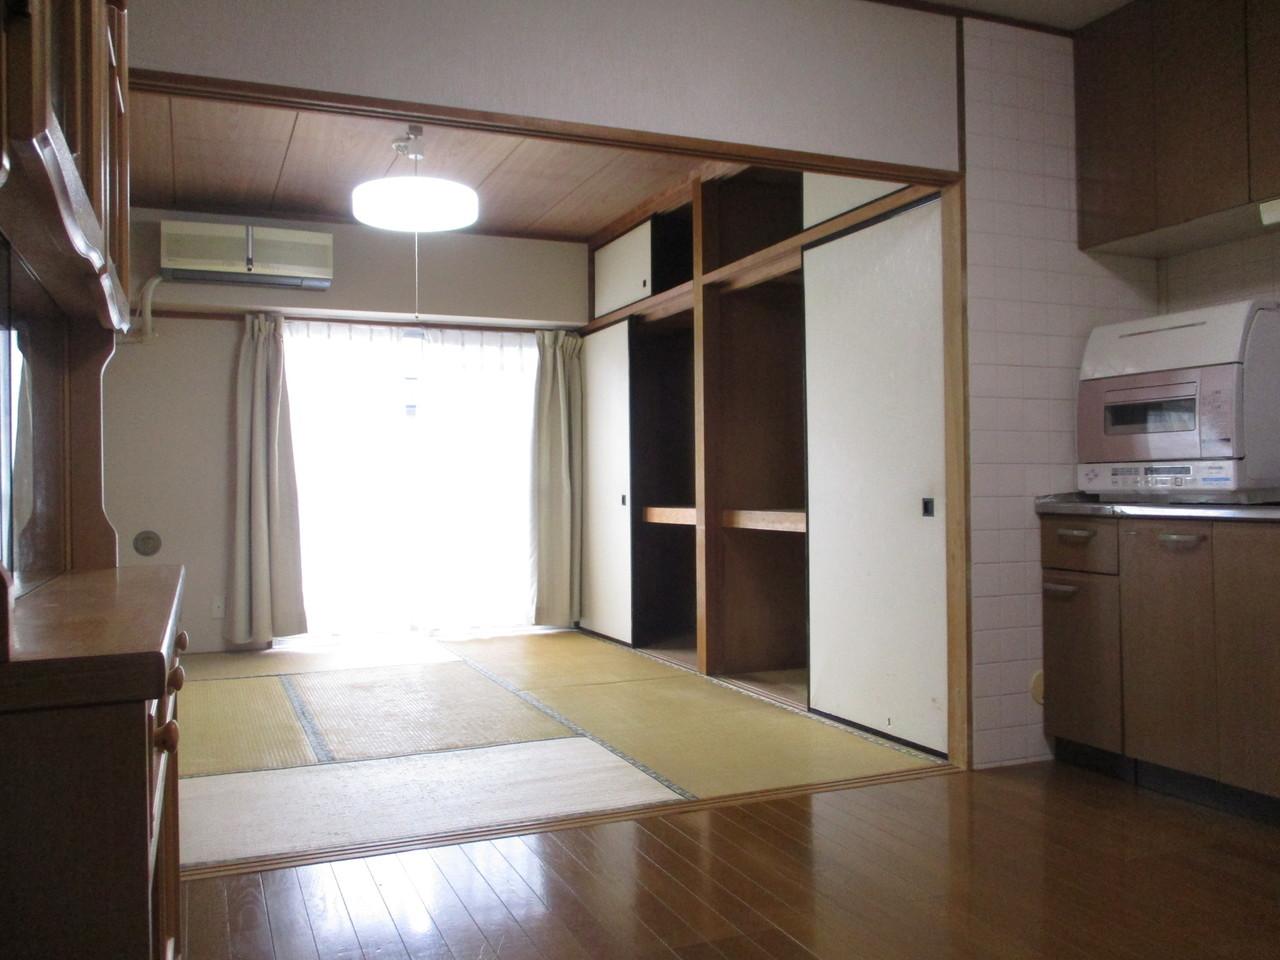 ダイニング・キッチンと和室がつながっていて、行き来しやすくなっています。